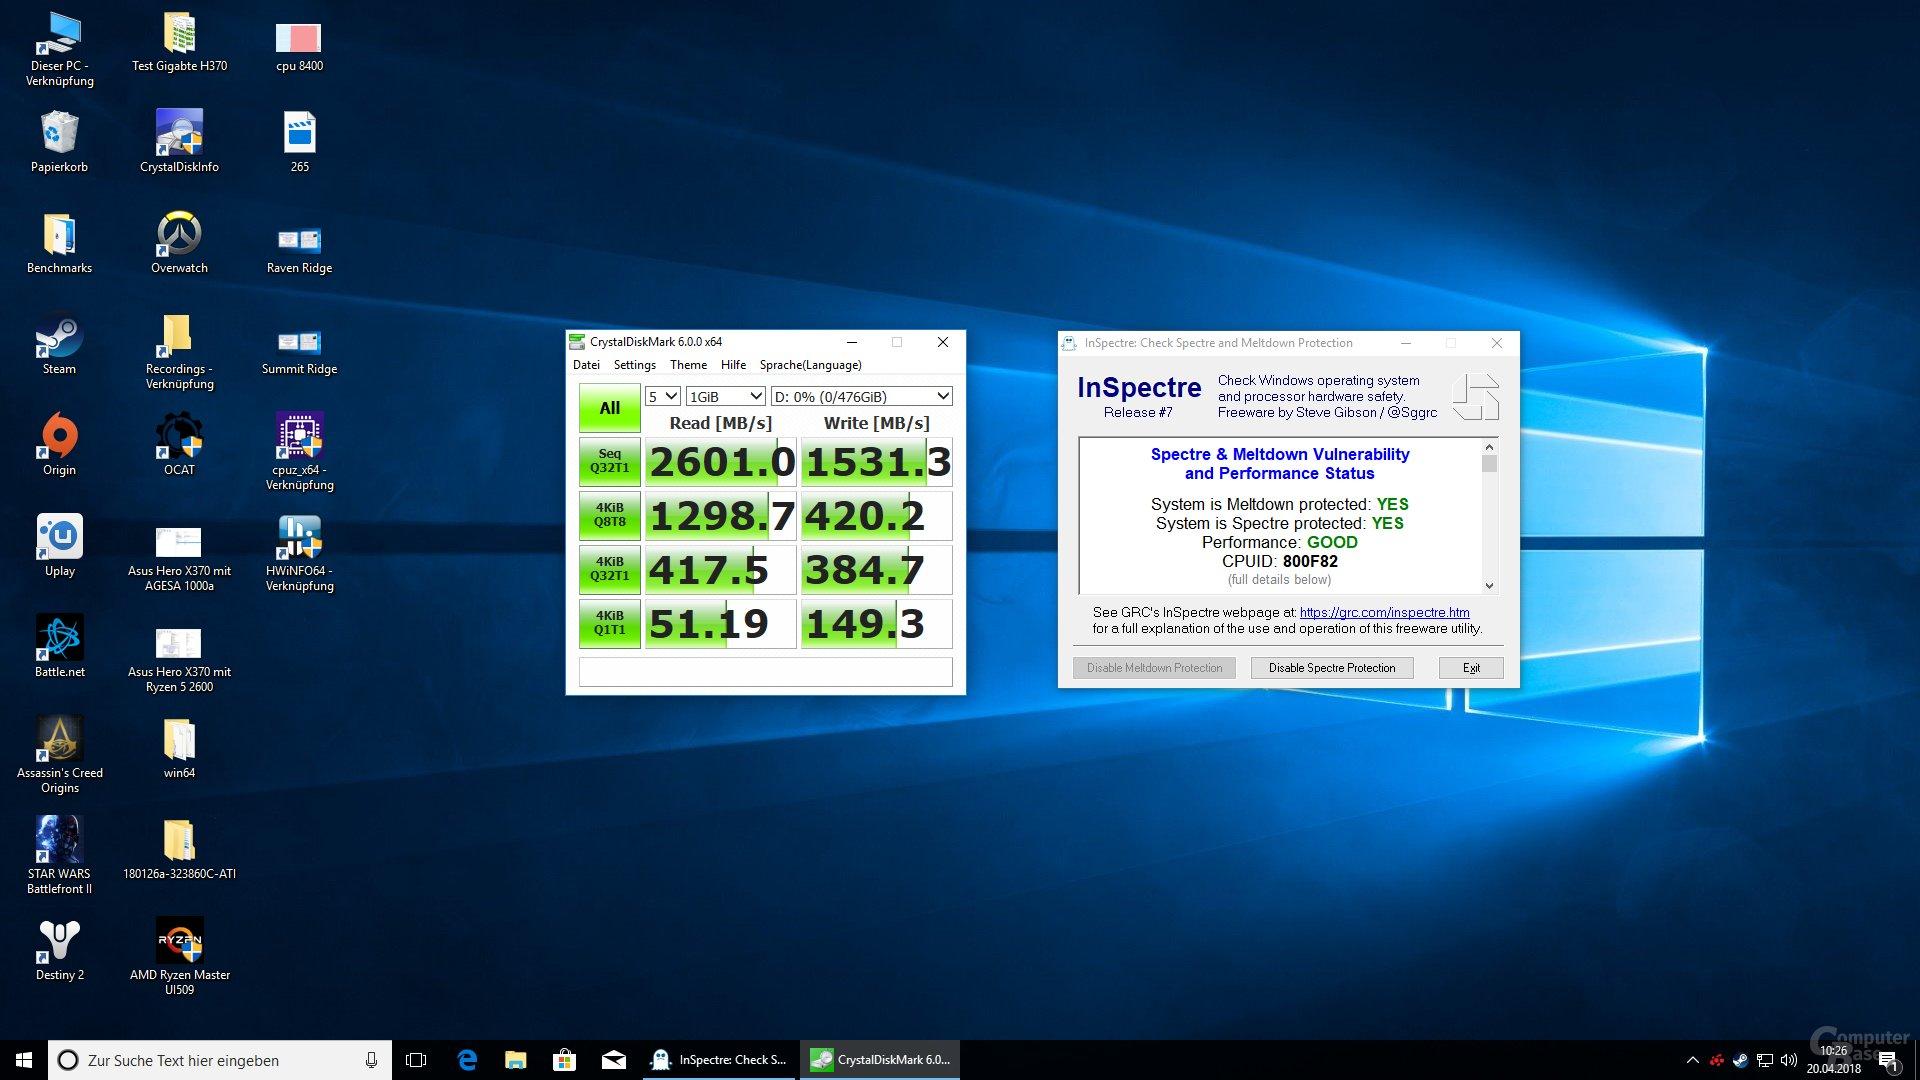 Der Ryzen 7 2700X mit aktivem Schutz unter Windows 10 Version 1709